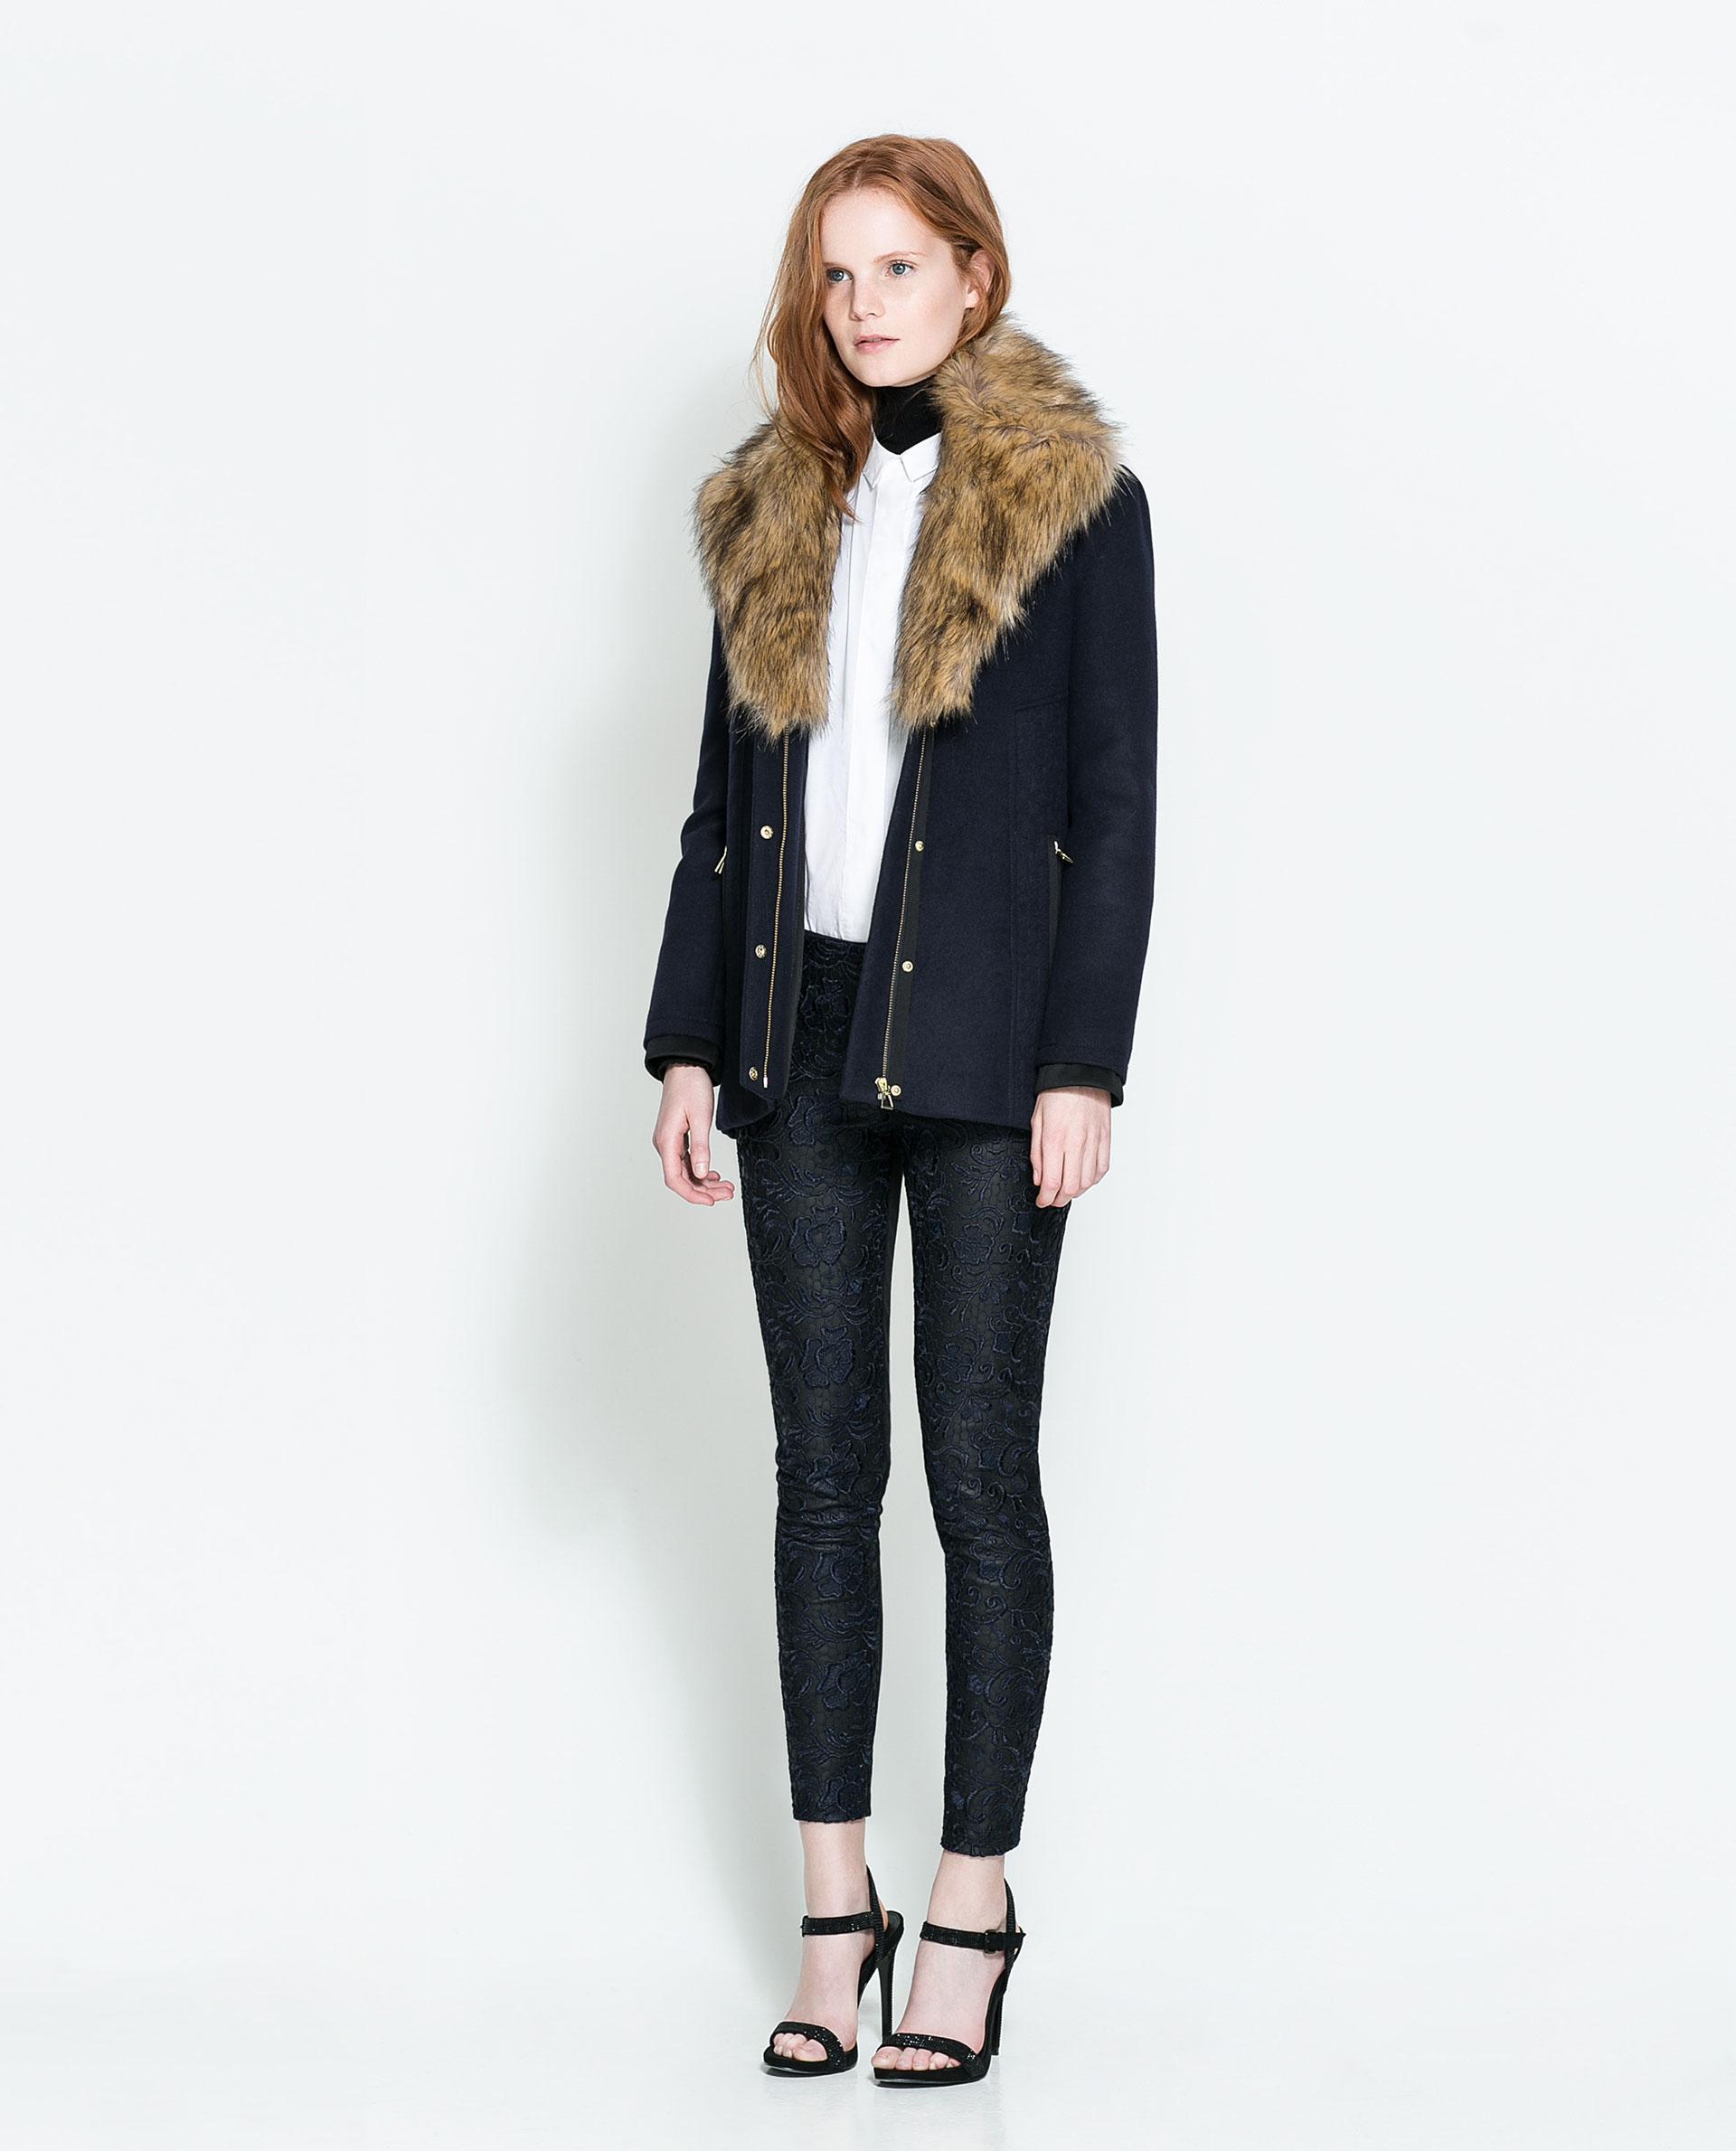 Zara Studio Black Fur Coat - Tradingbasis